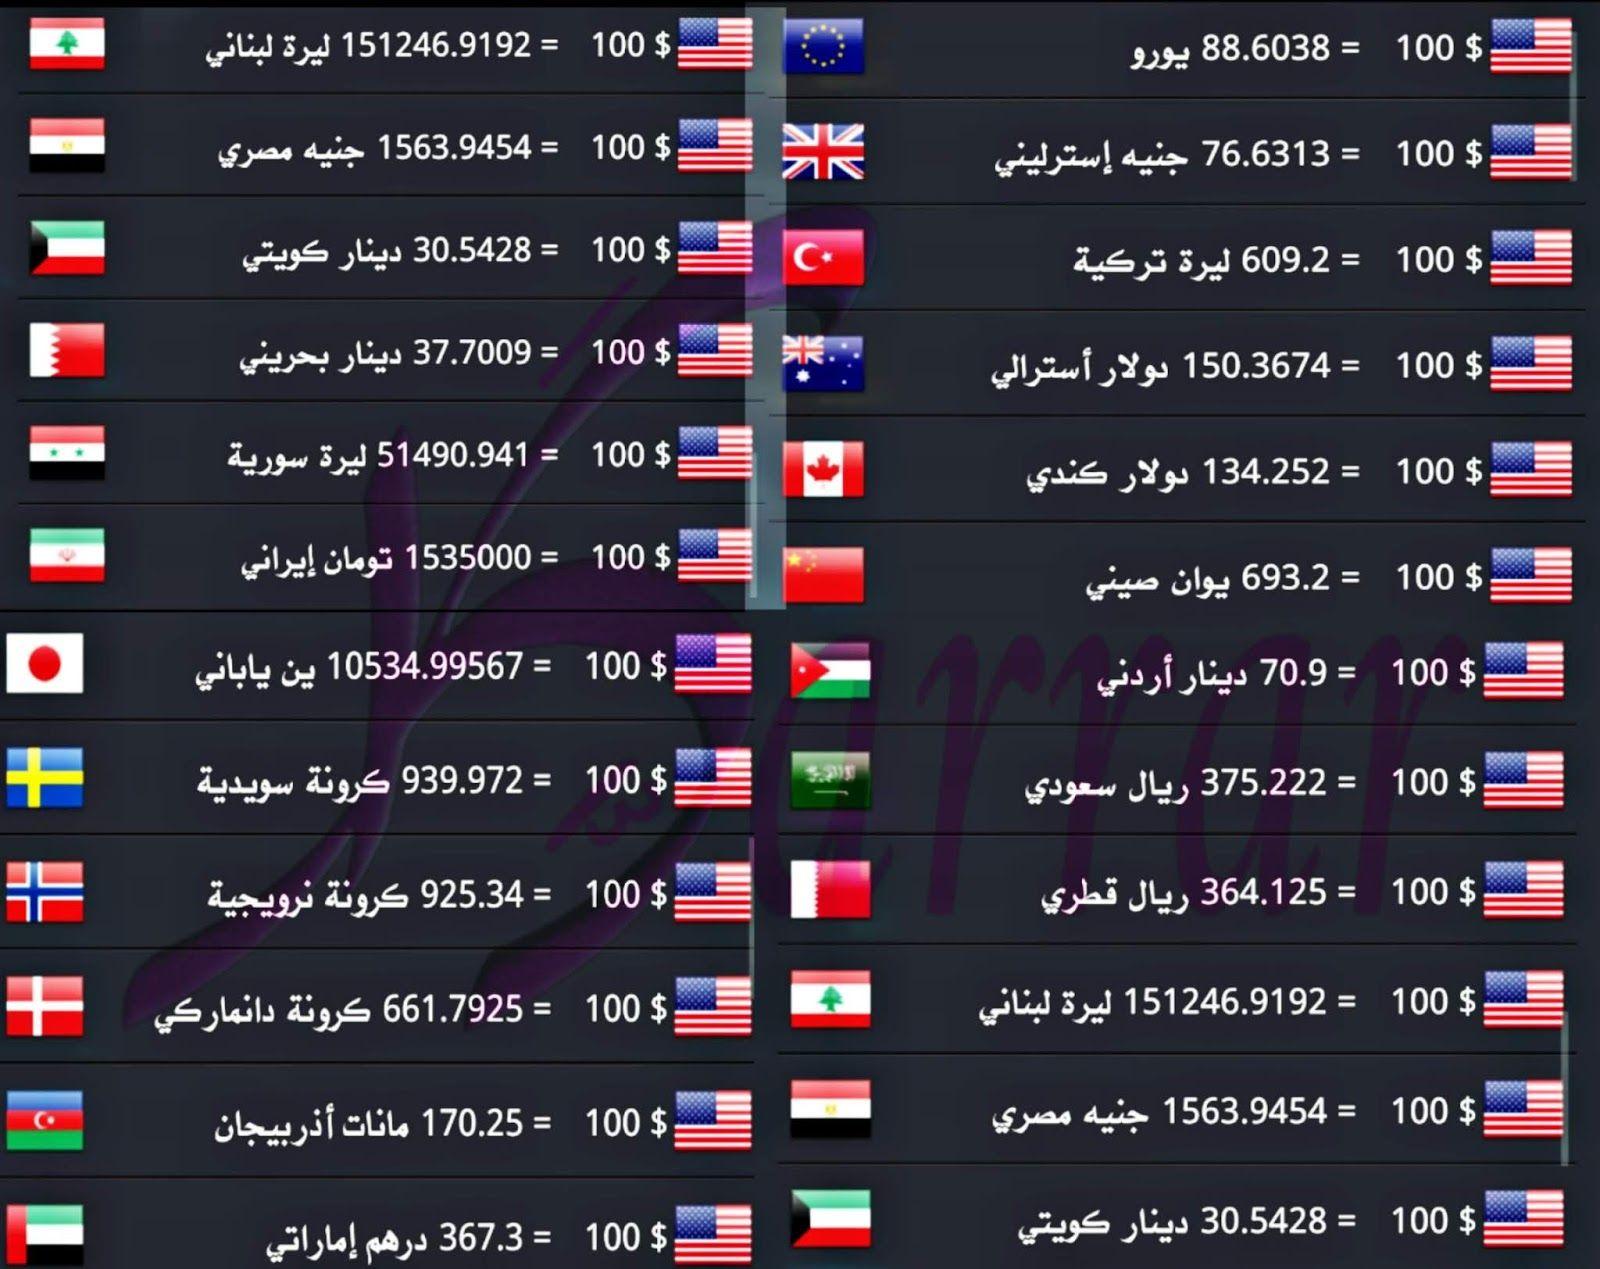 سعرصرف الدينار العراقي مقابل الدولار واليورو والليرة التركية ليوم السبت 7 اذار مارس 2020 سعرصرف الدينار العراقي مقابل الدولار واليورو والليرة التركية ليوم السب